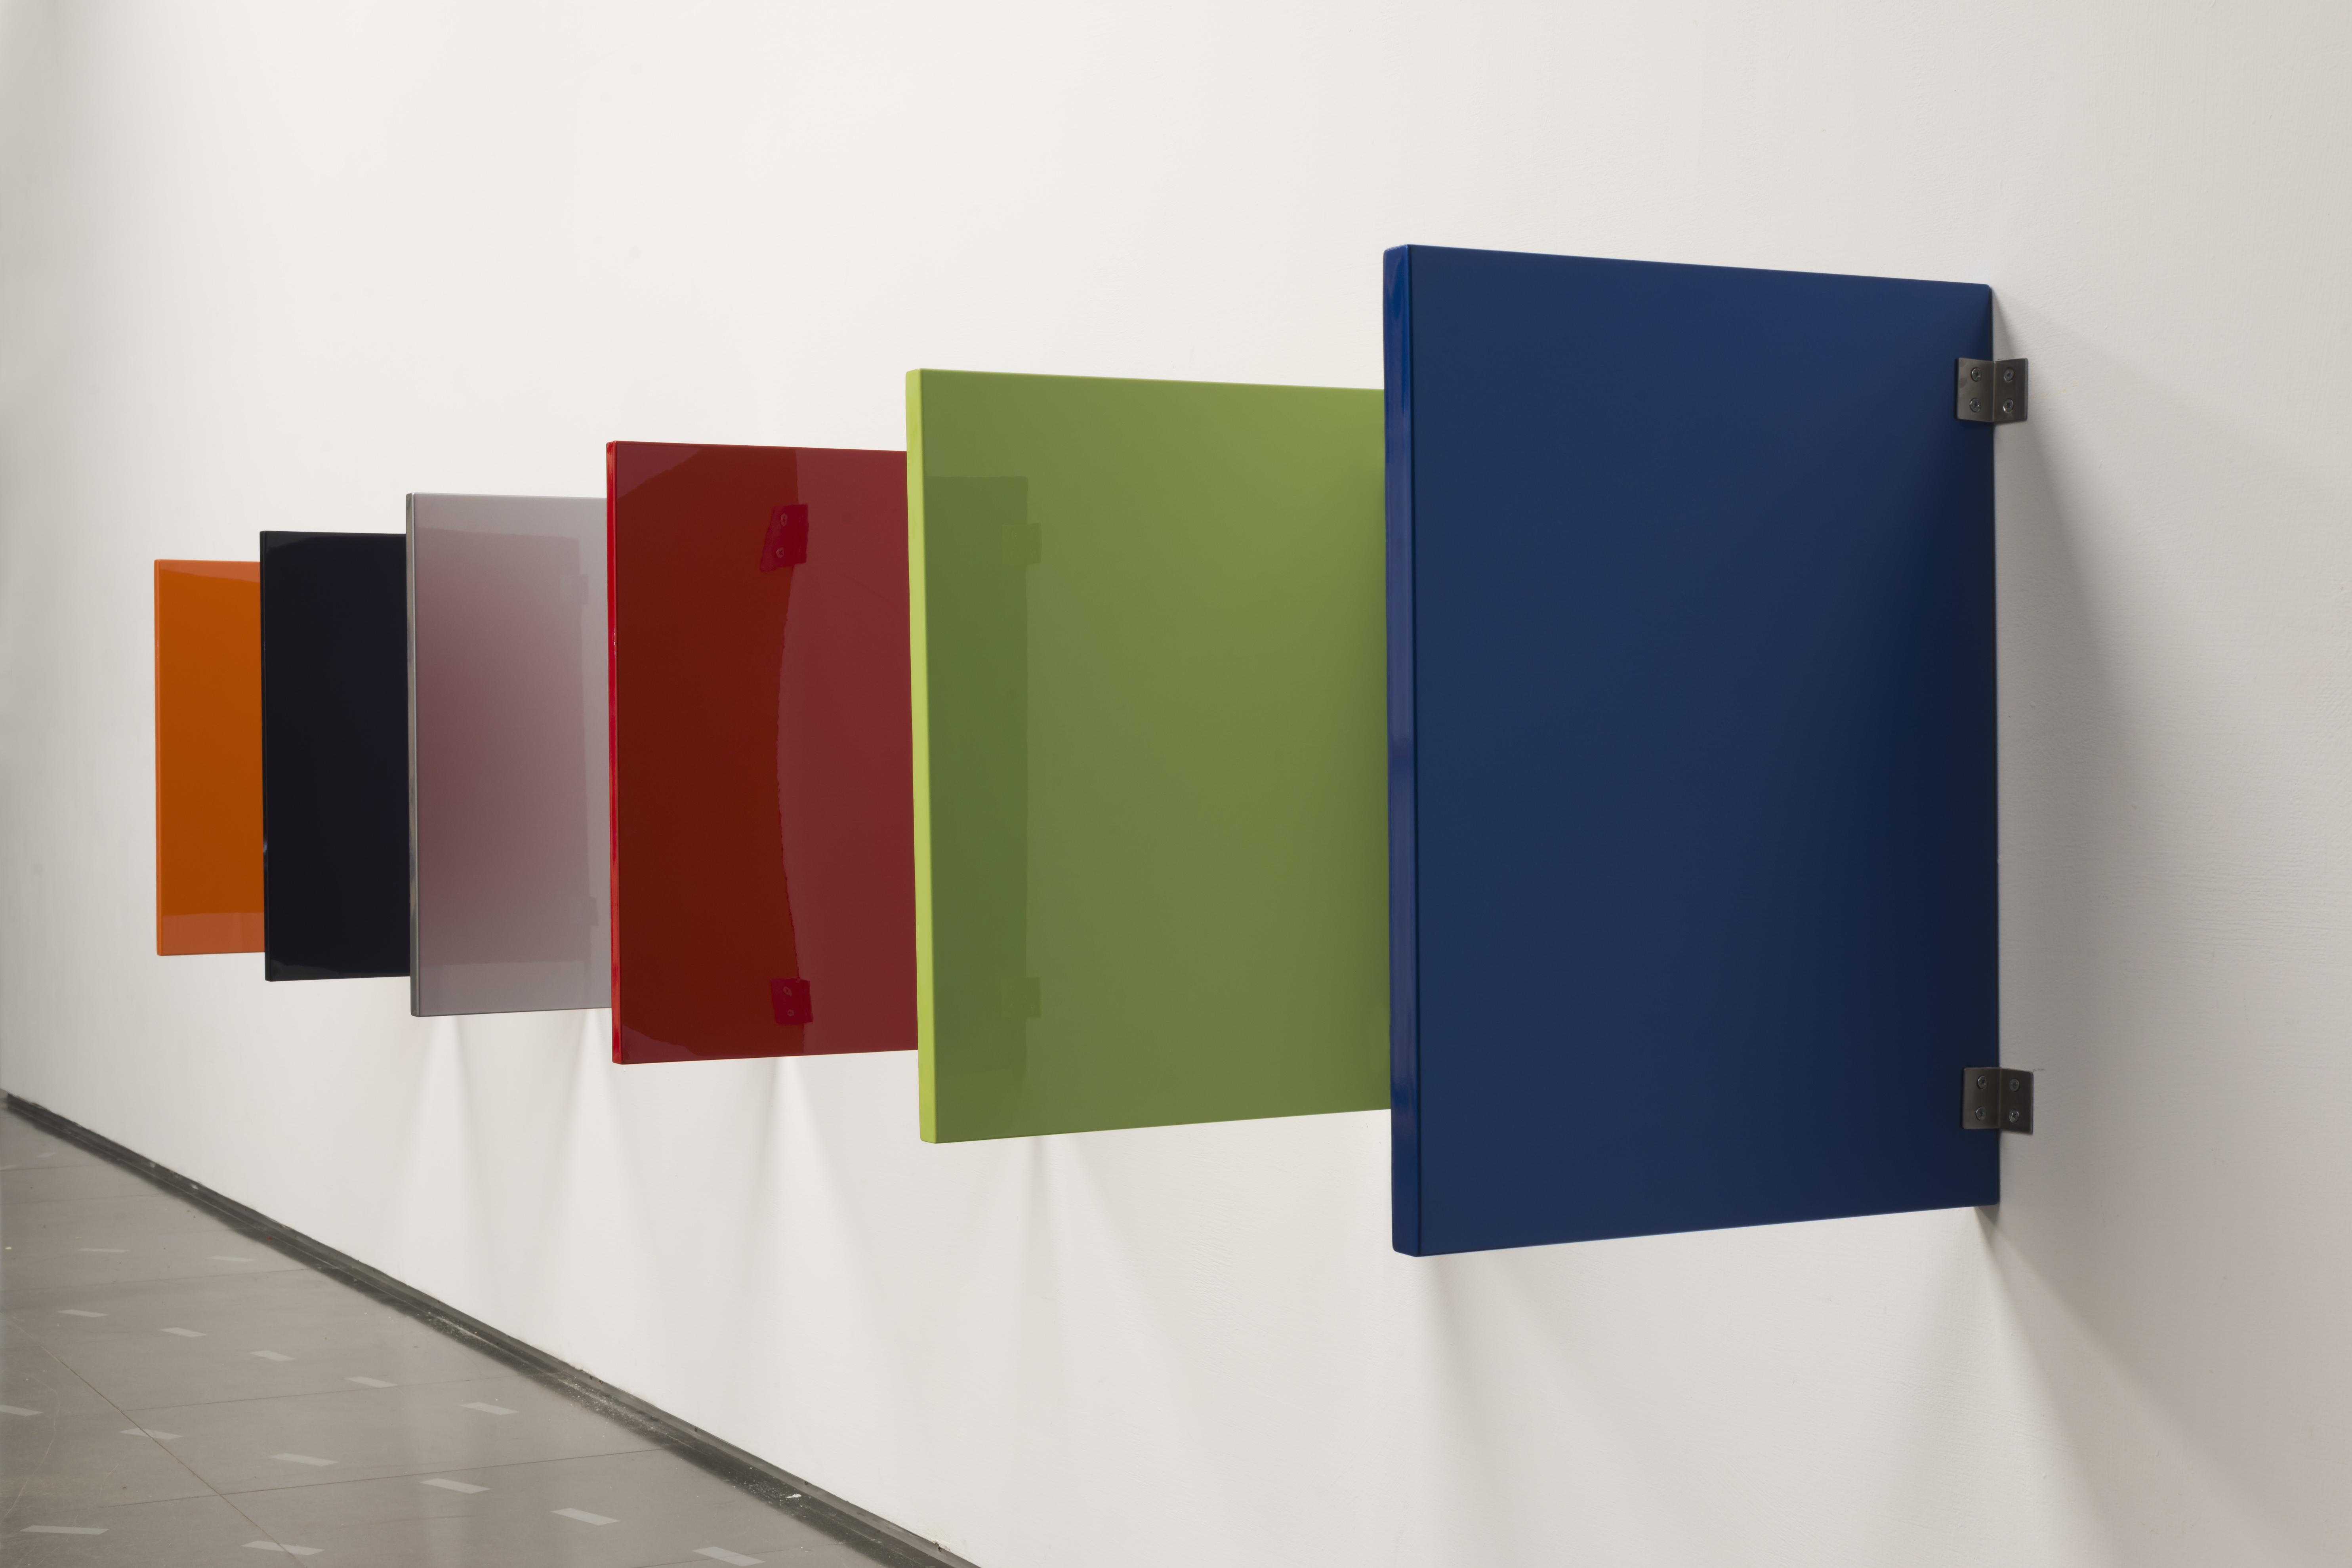 林明弘,〈無題 (福特野馬 2021)〉,1994/2021,壓克力噴漆、鋼板,60.5x45cm/片,藝術家自藏,圖片提供:MoNUTE北師美術館